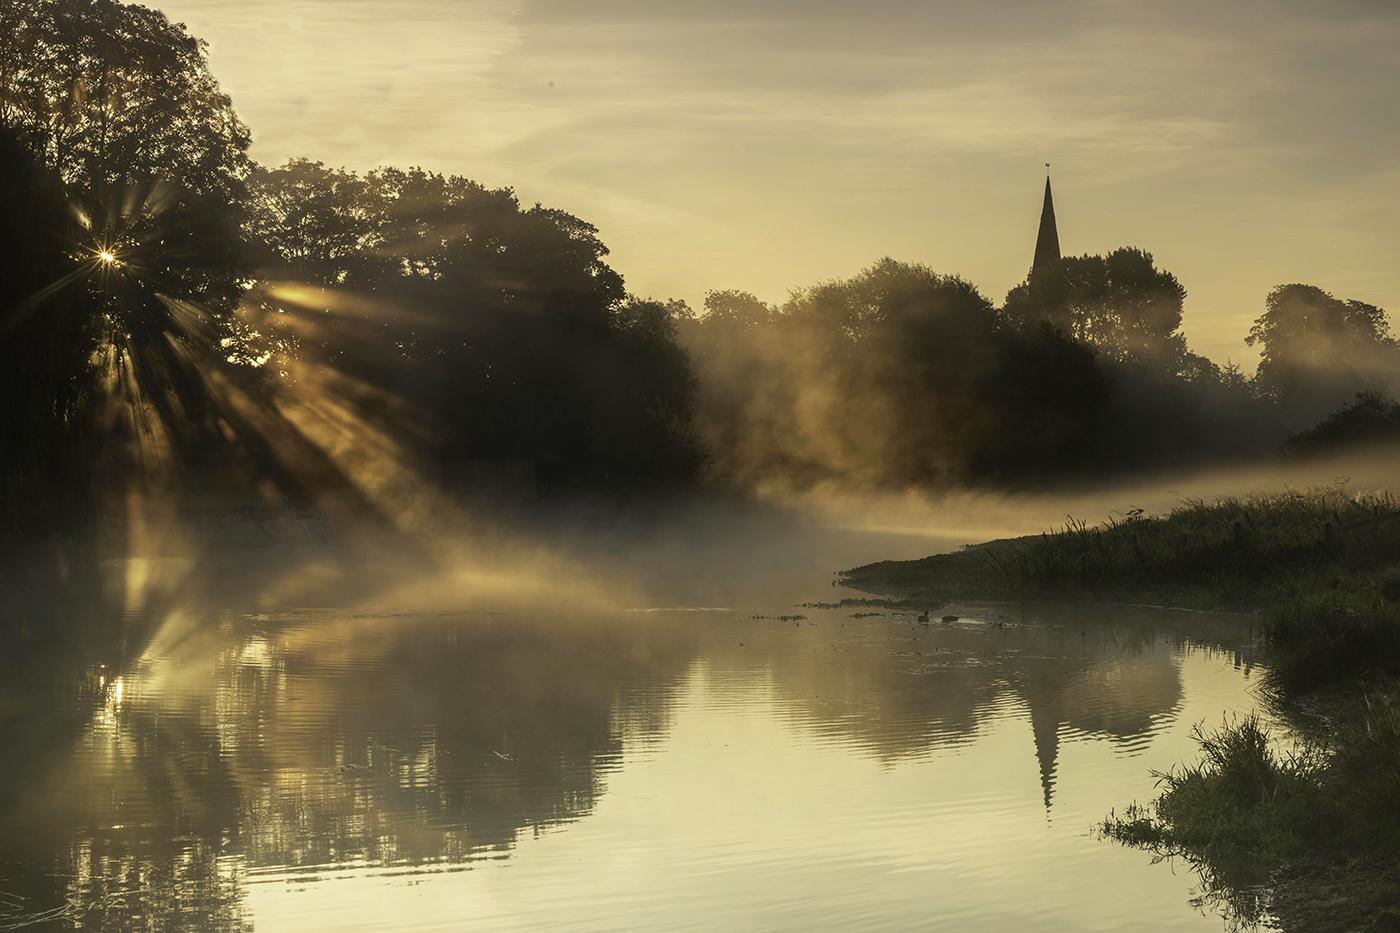 MORNING GLOW by Nigel Stewart